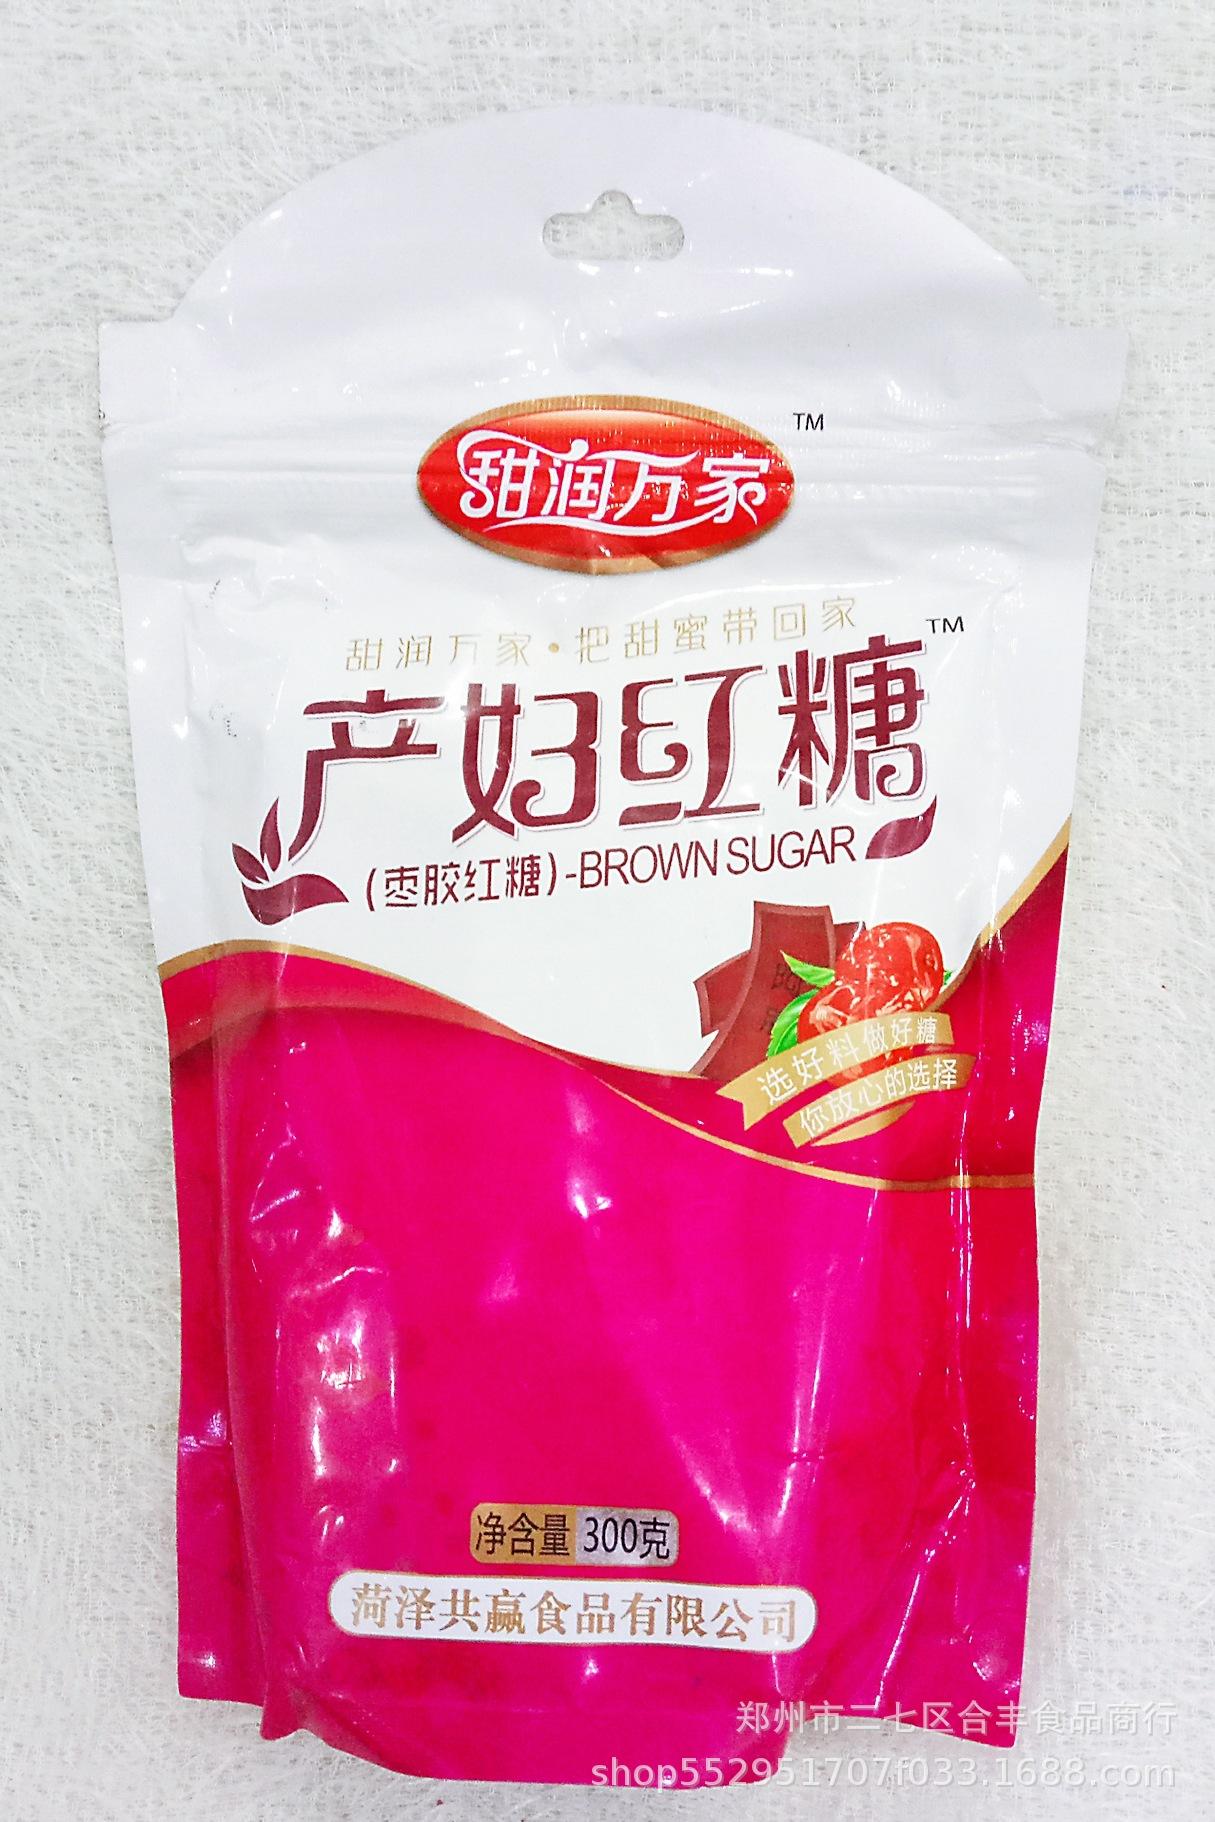 批发 甜润万家产妇红糖300g 还有女生益母/阿胶/大枣/姜汁红糖